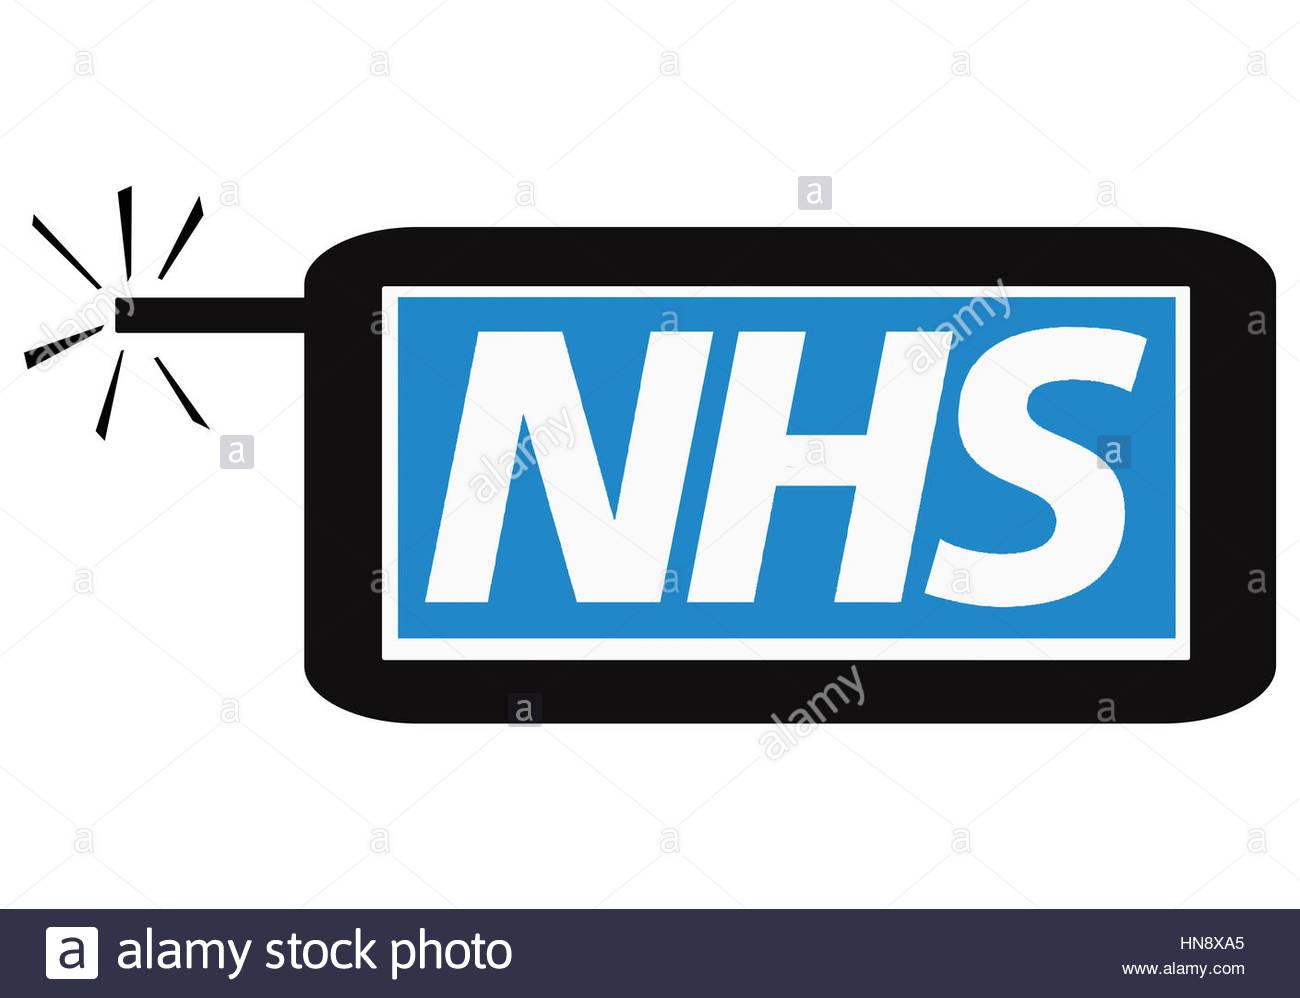 Digital composite - NHS online - Stock Image